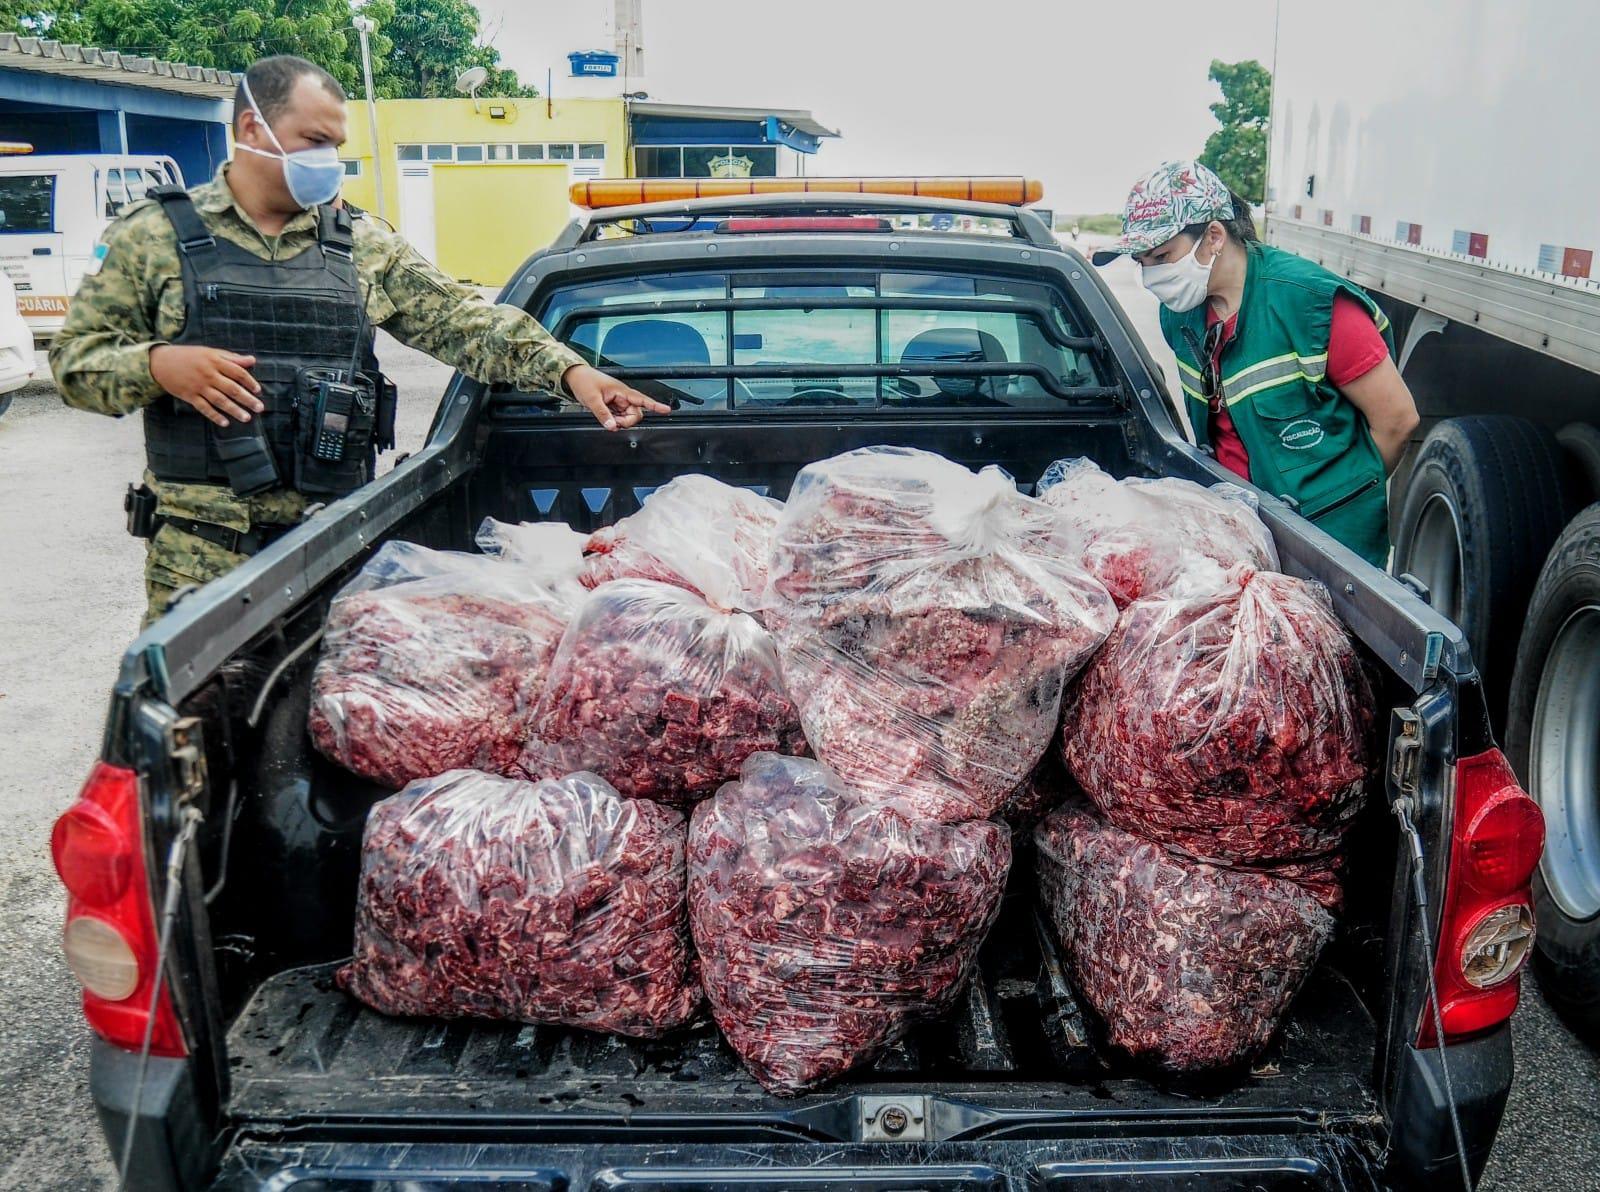 Serviço de Inspeção Municipal apreende 360 quilos de carne e peixe em ação conjunta na BR-304